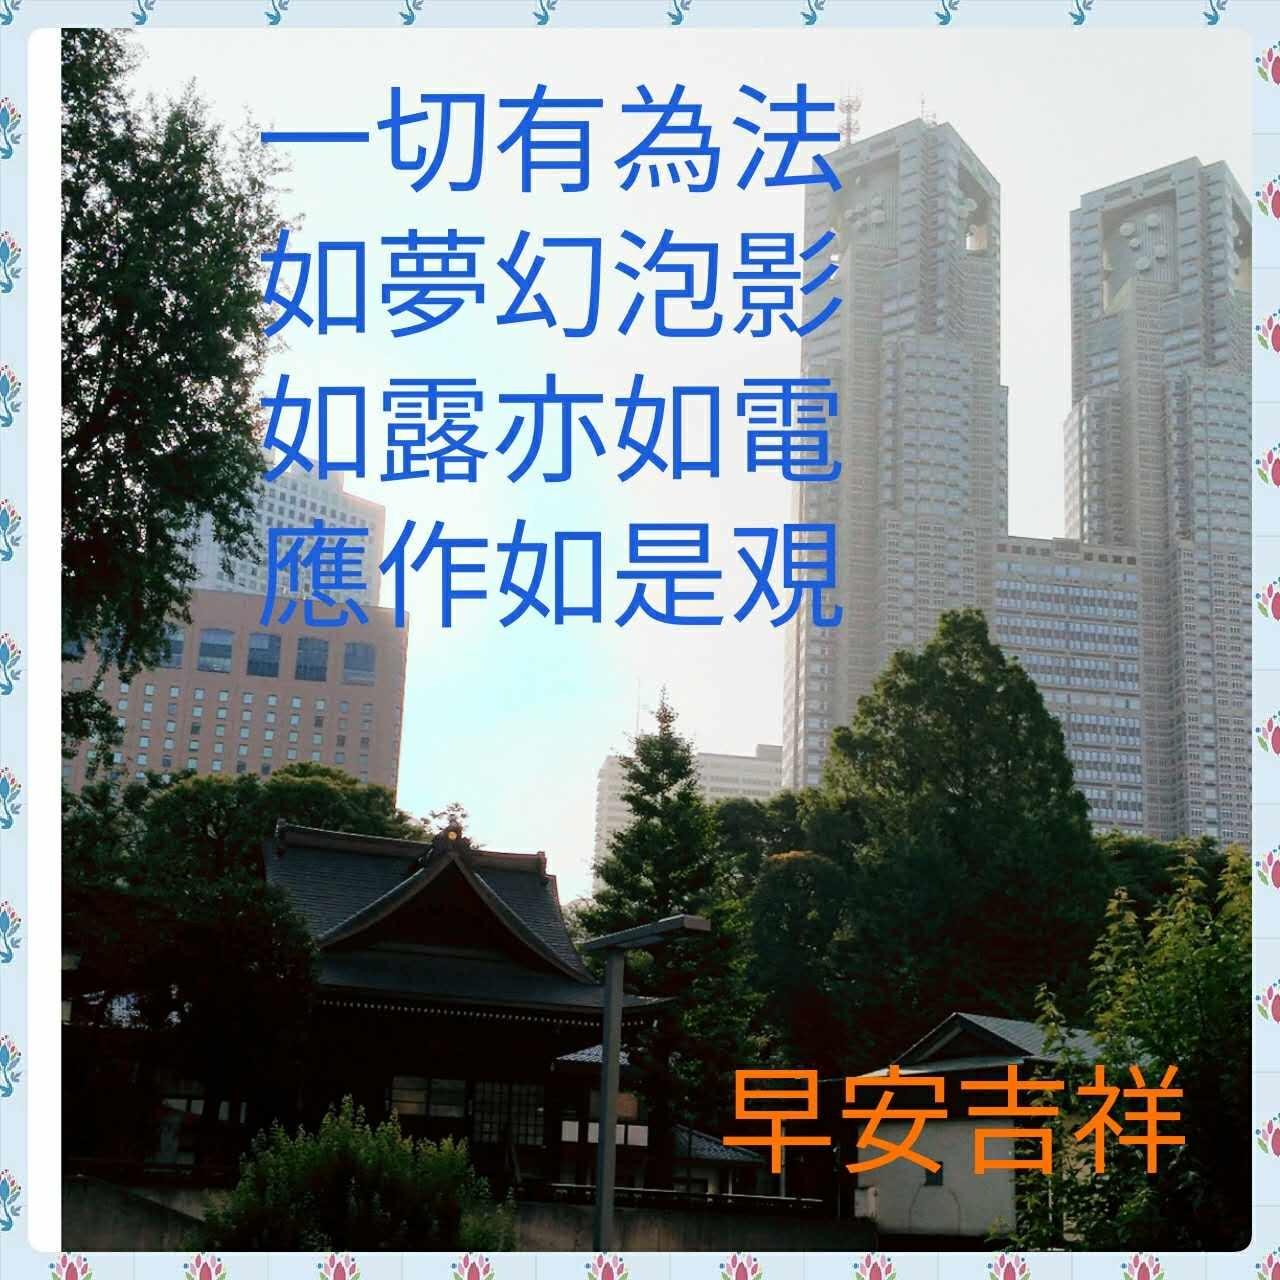 b0348023_04572446.jpg